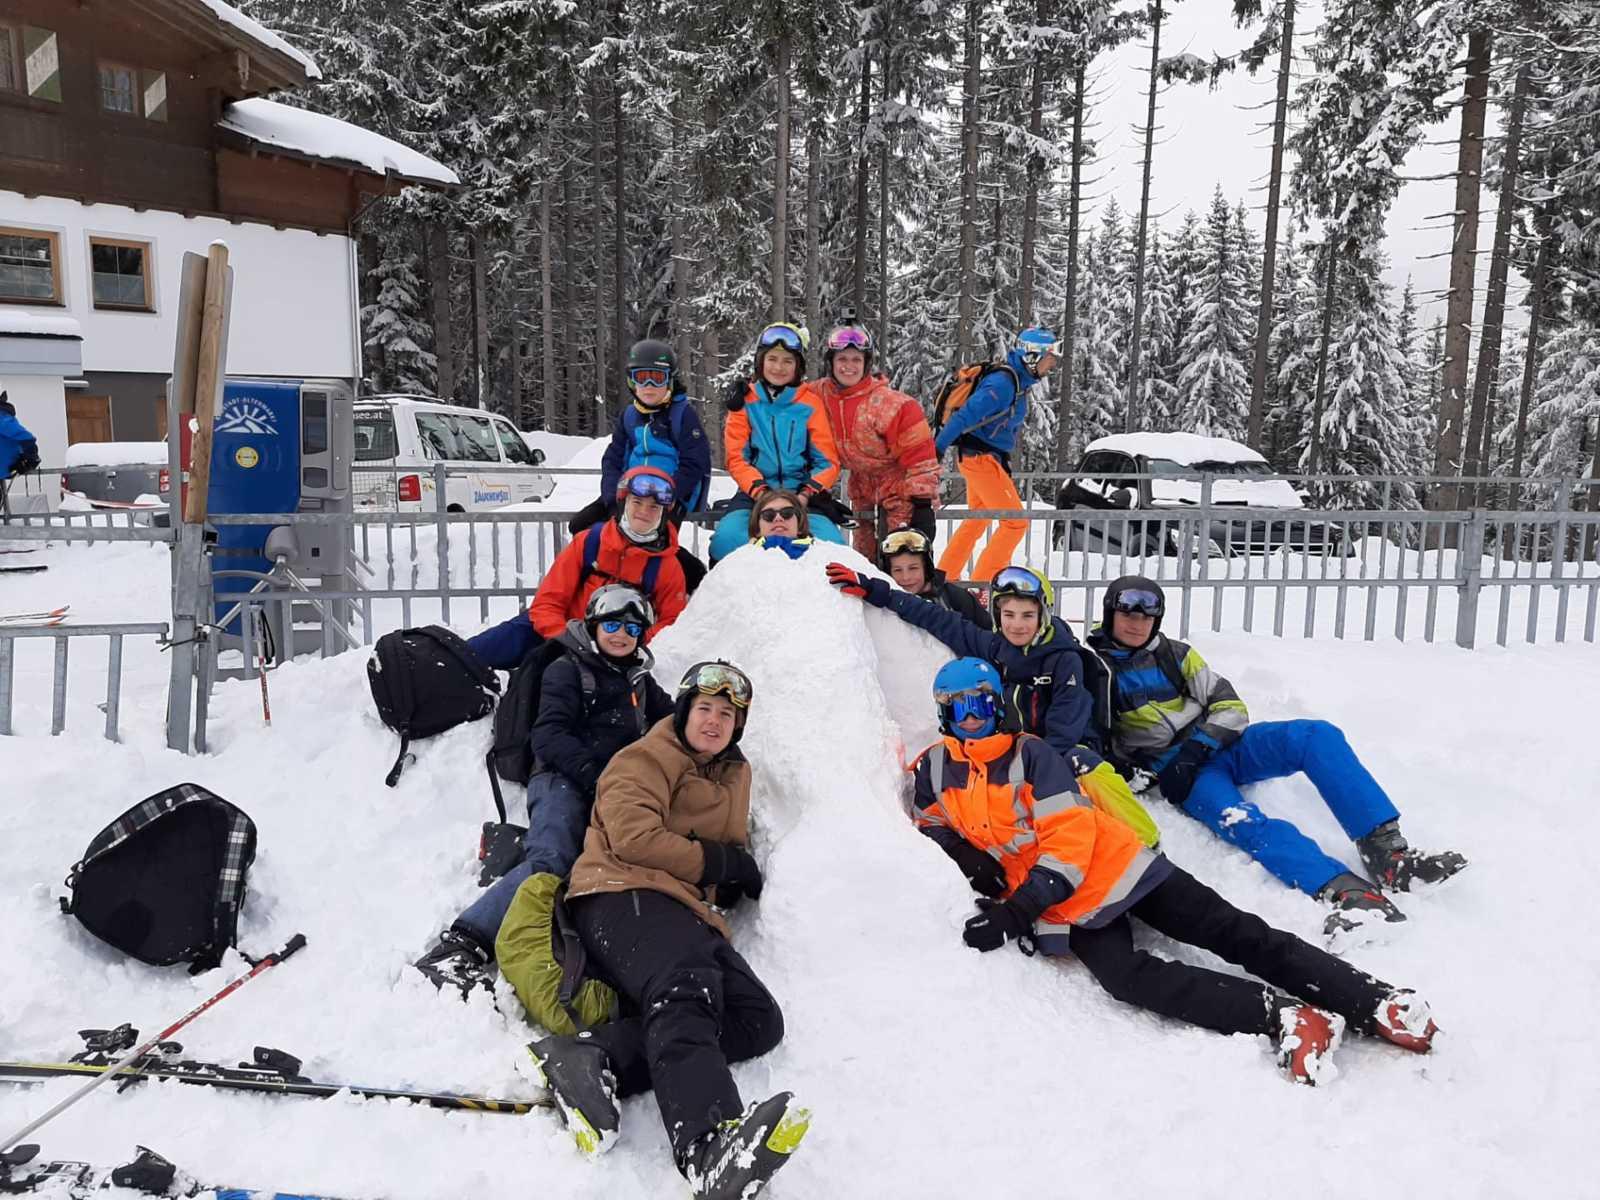 [2022] Sneeuwsport in de paaszon (skiën) - Pasen - Mauterndorf